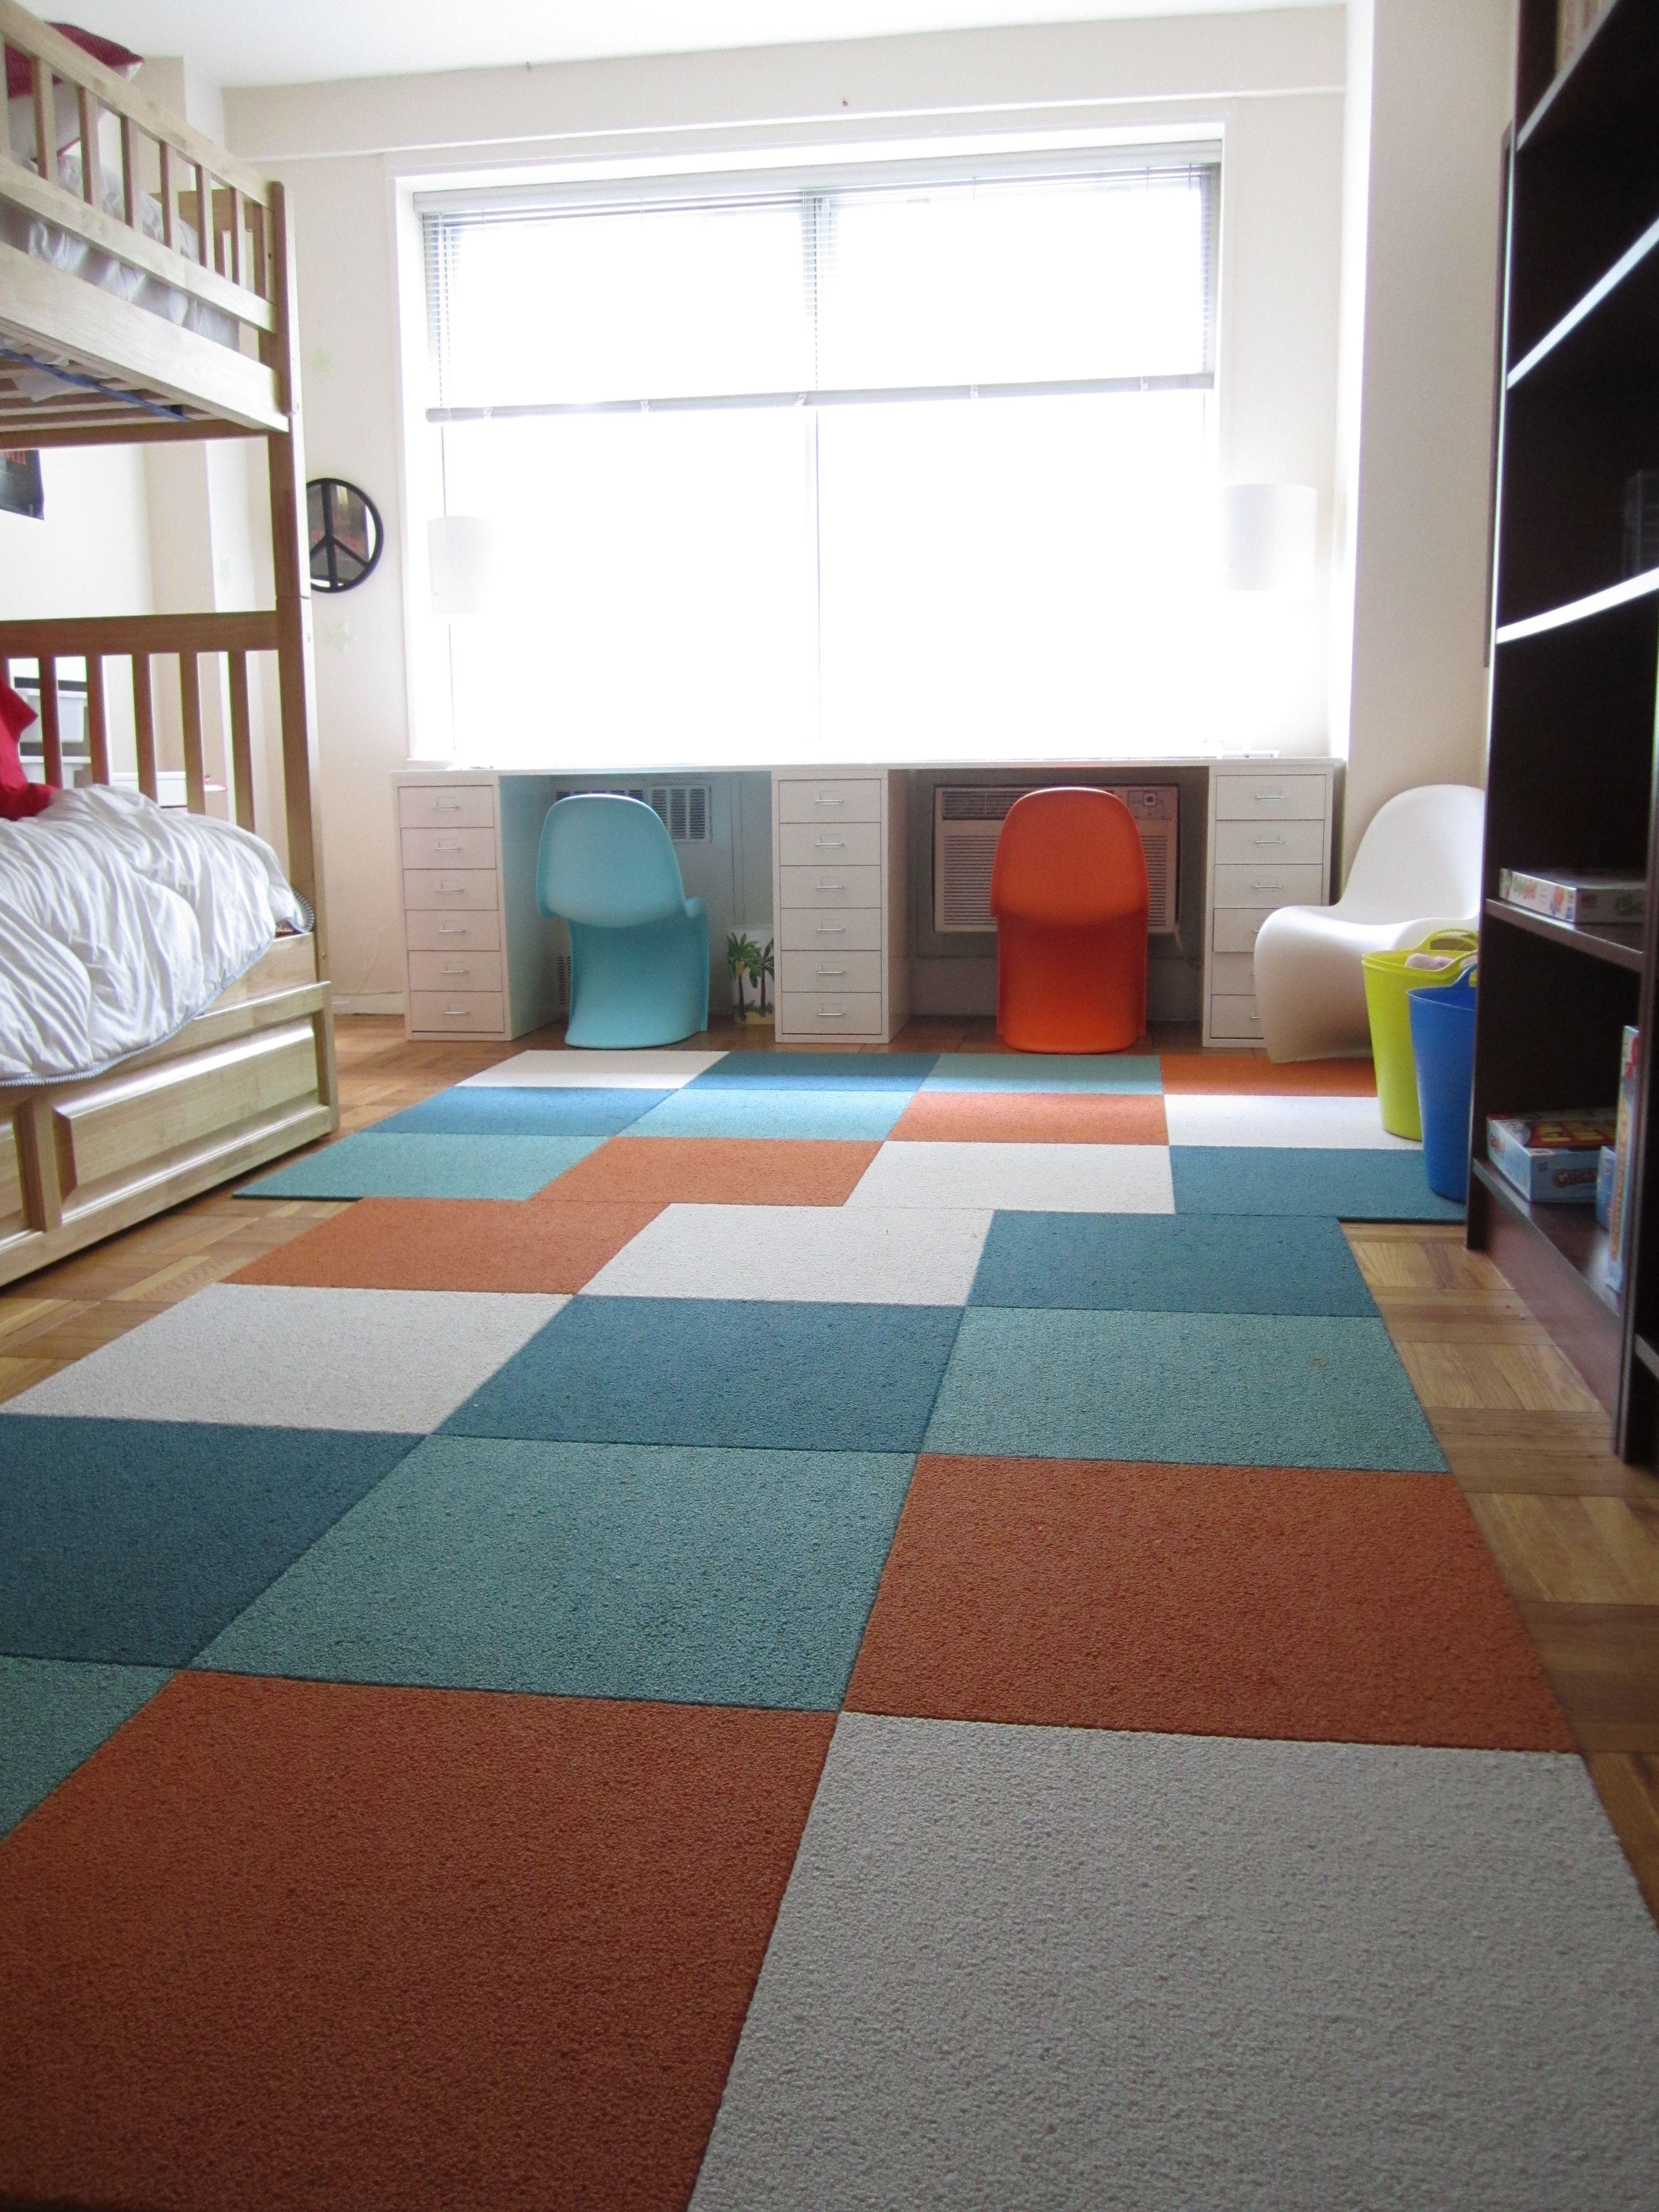 flor tiles in a kid's room.